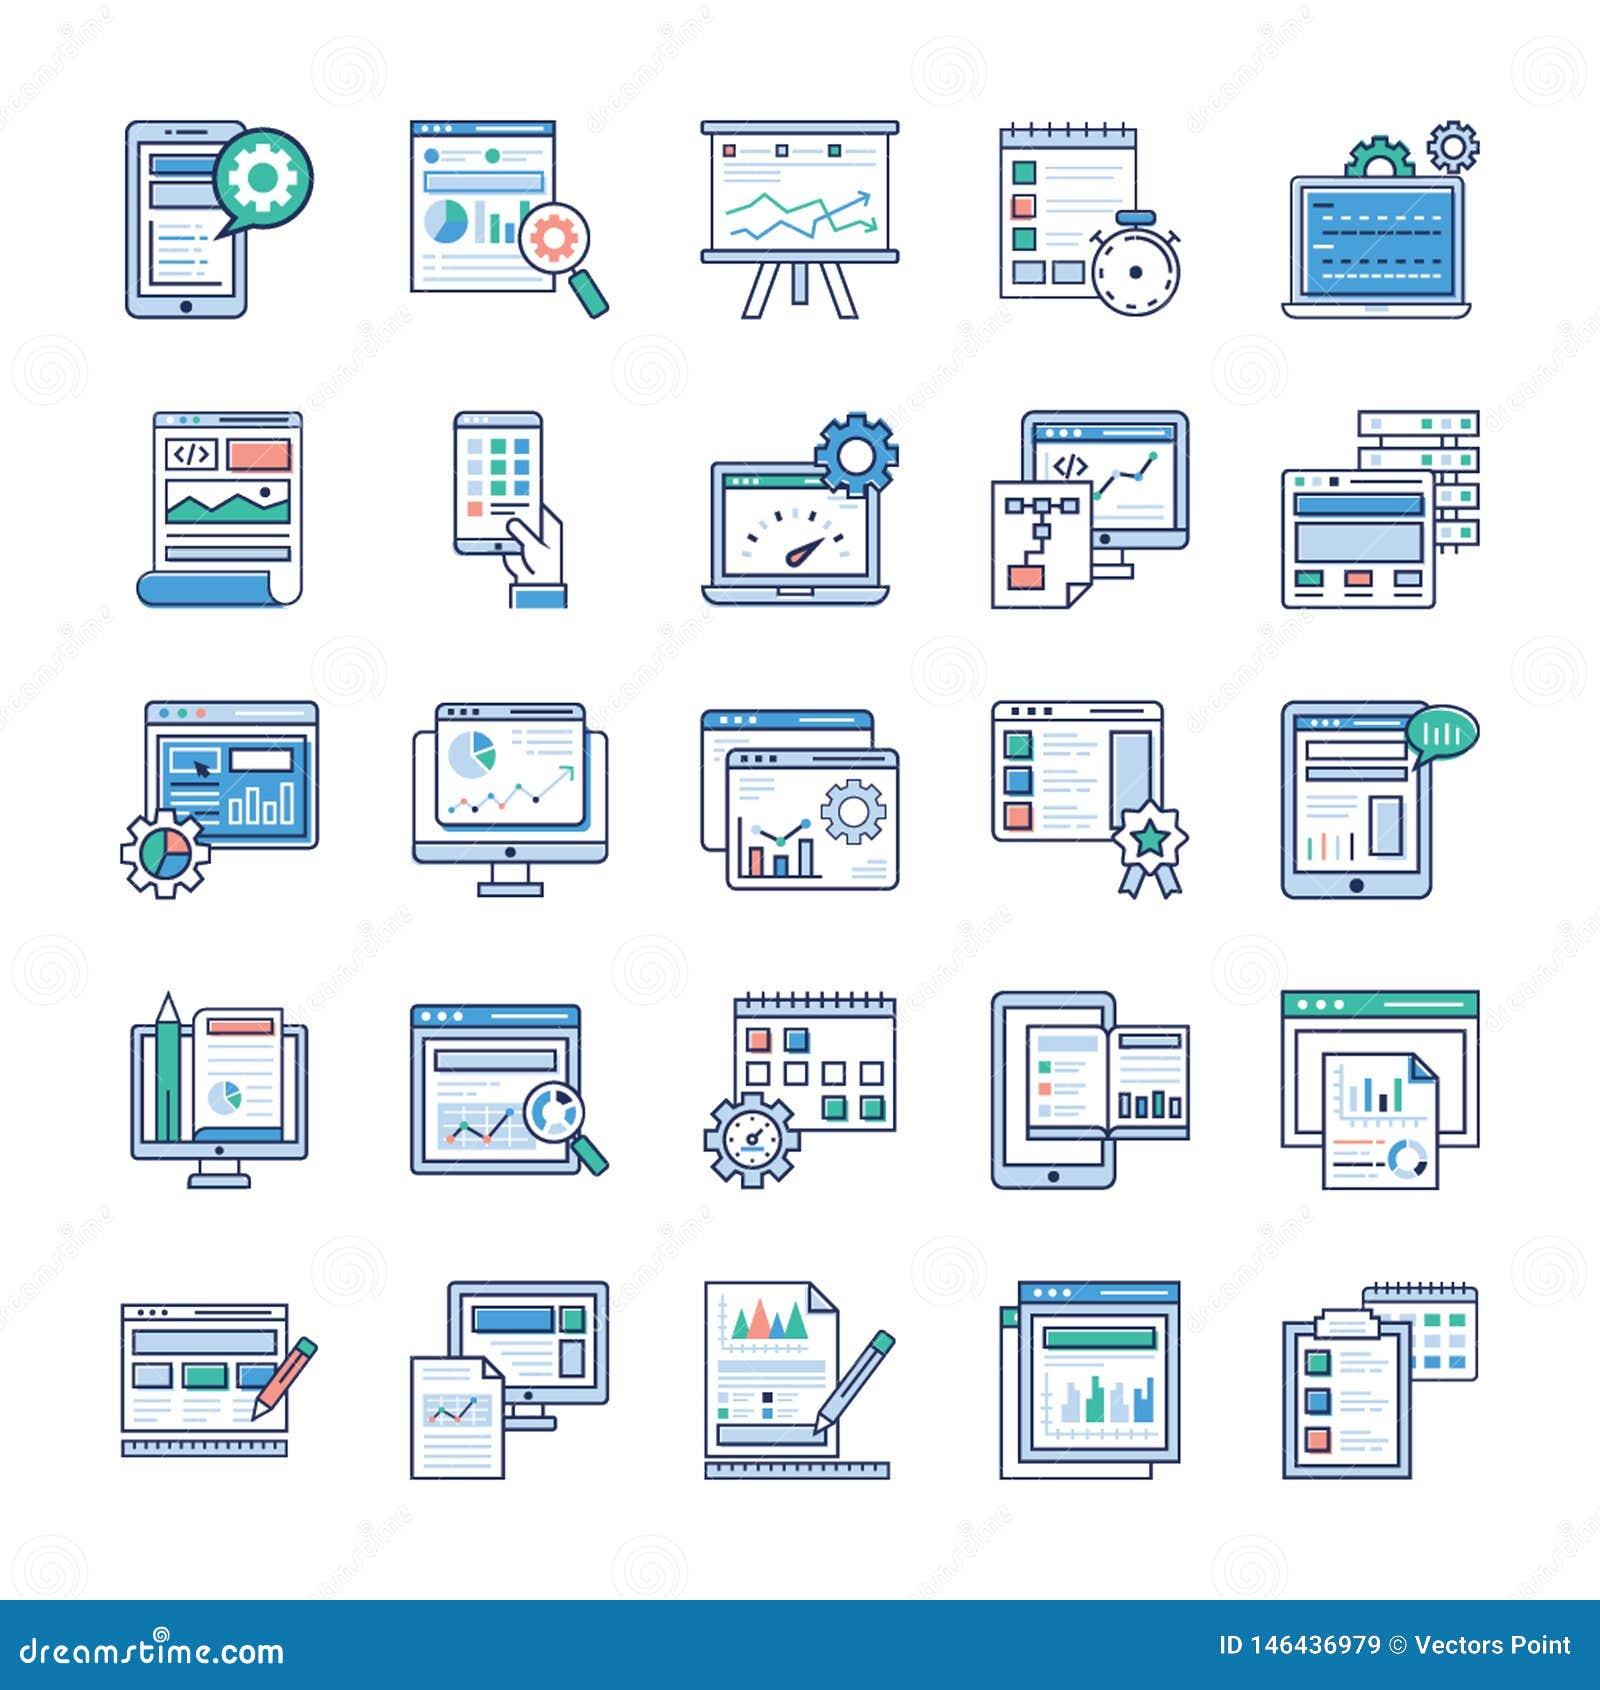 Infographic Elements Flat Vectors Set